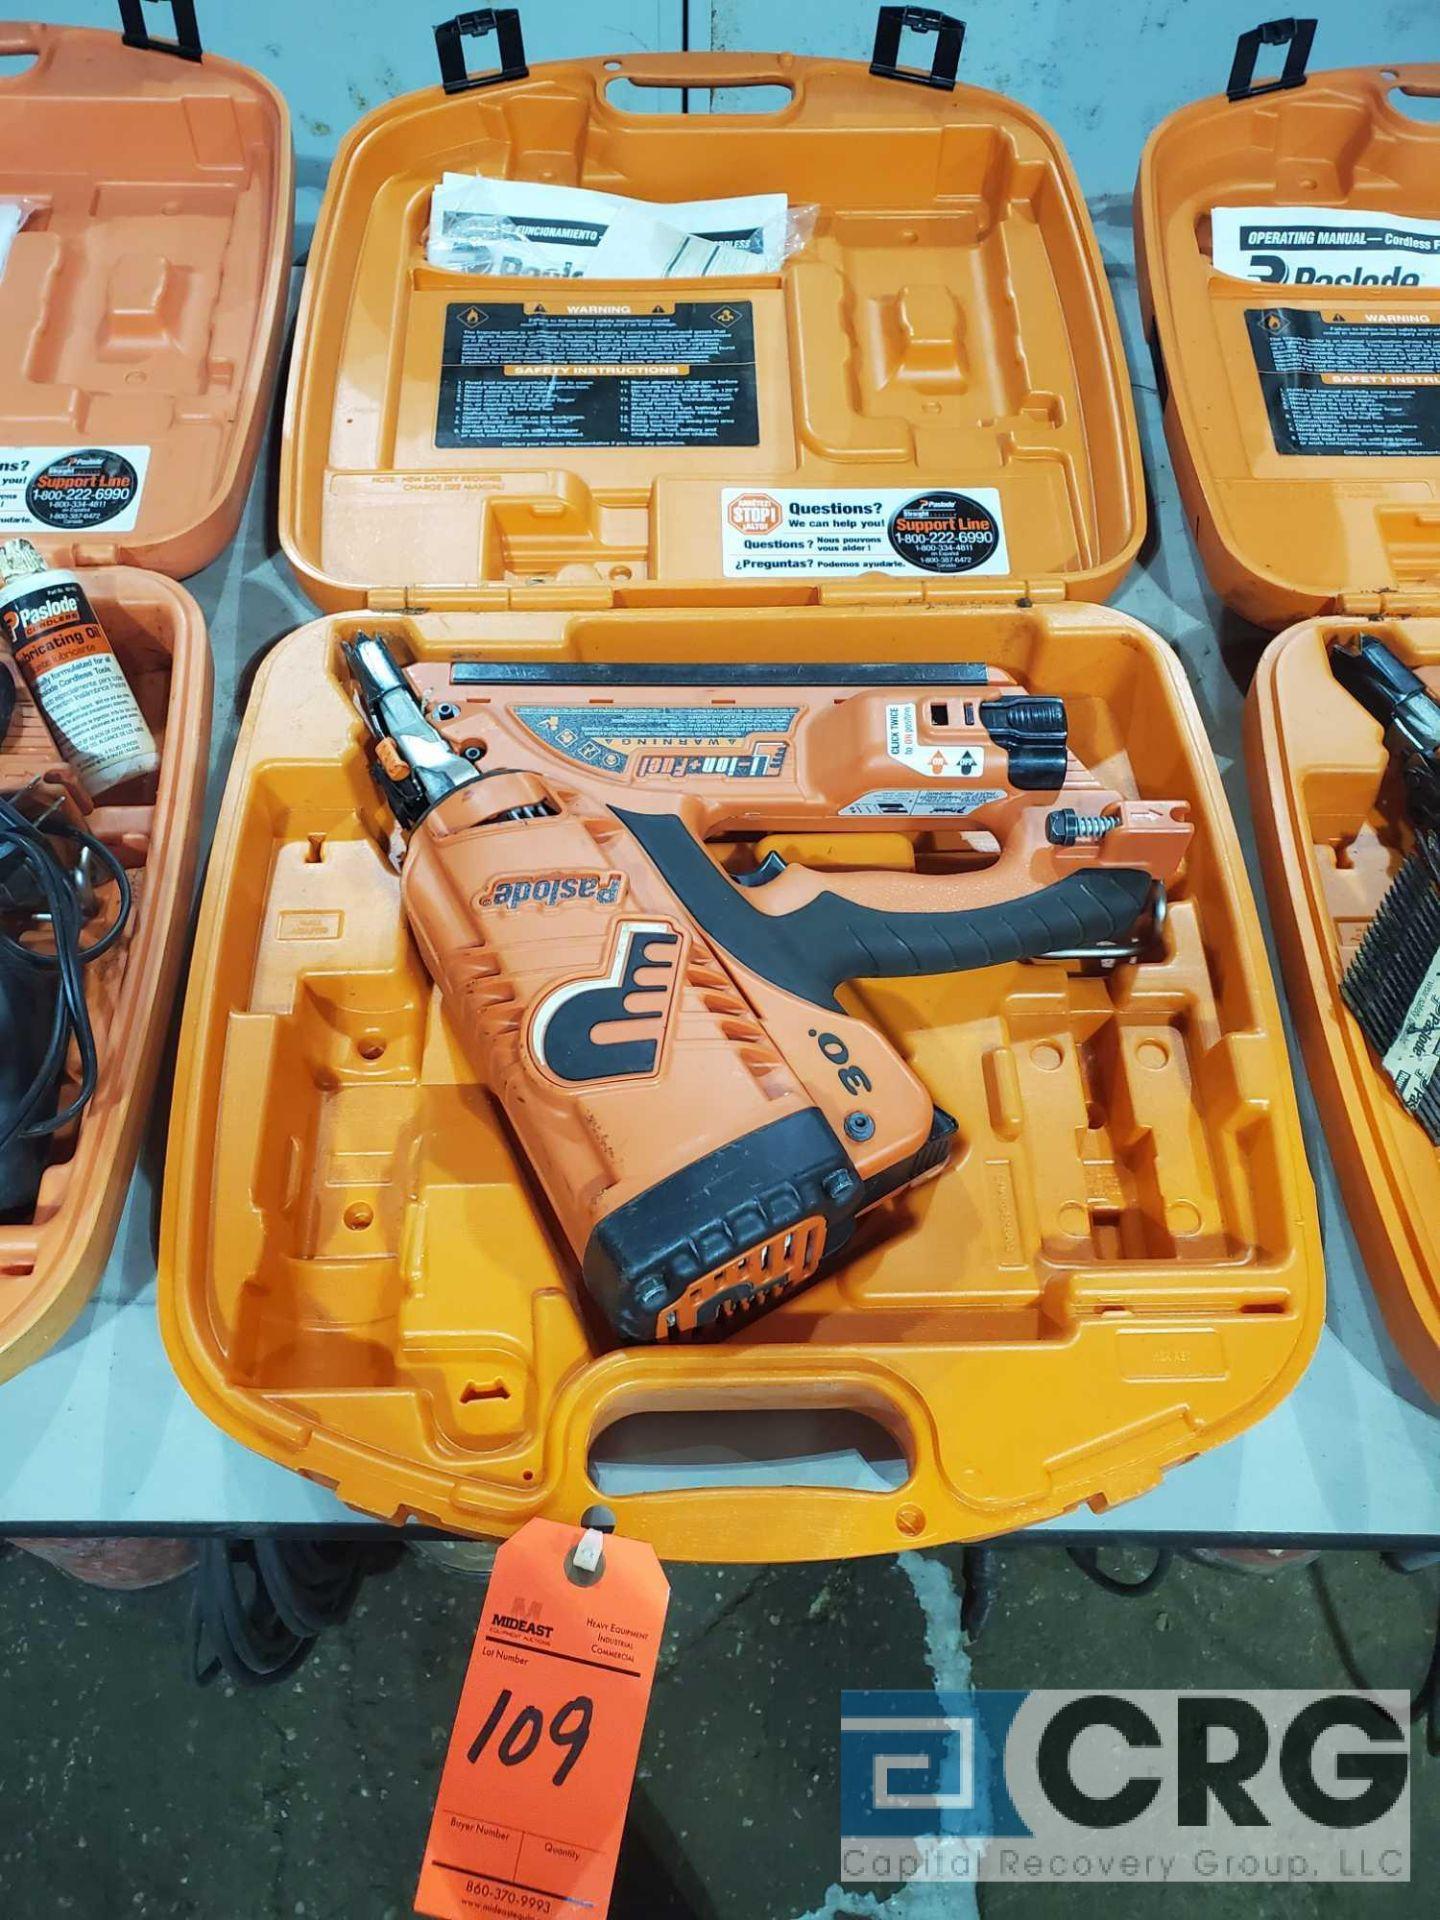 Lot 109 - Paslode CF325LI cordless framing nailer with case